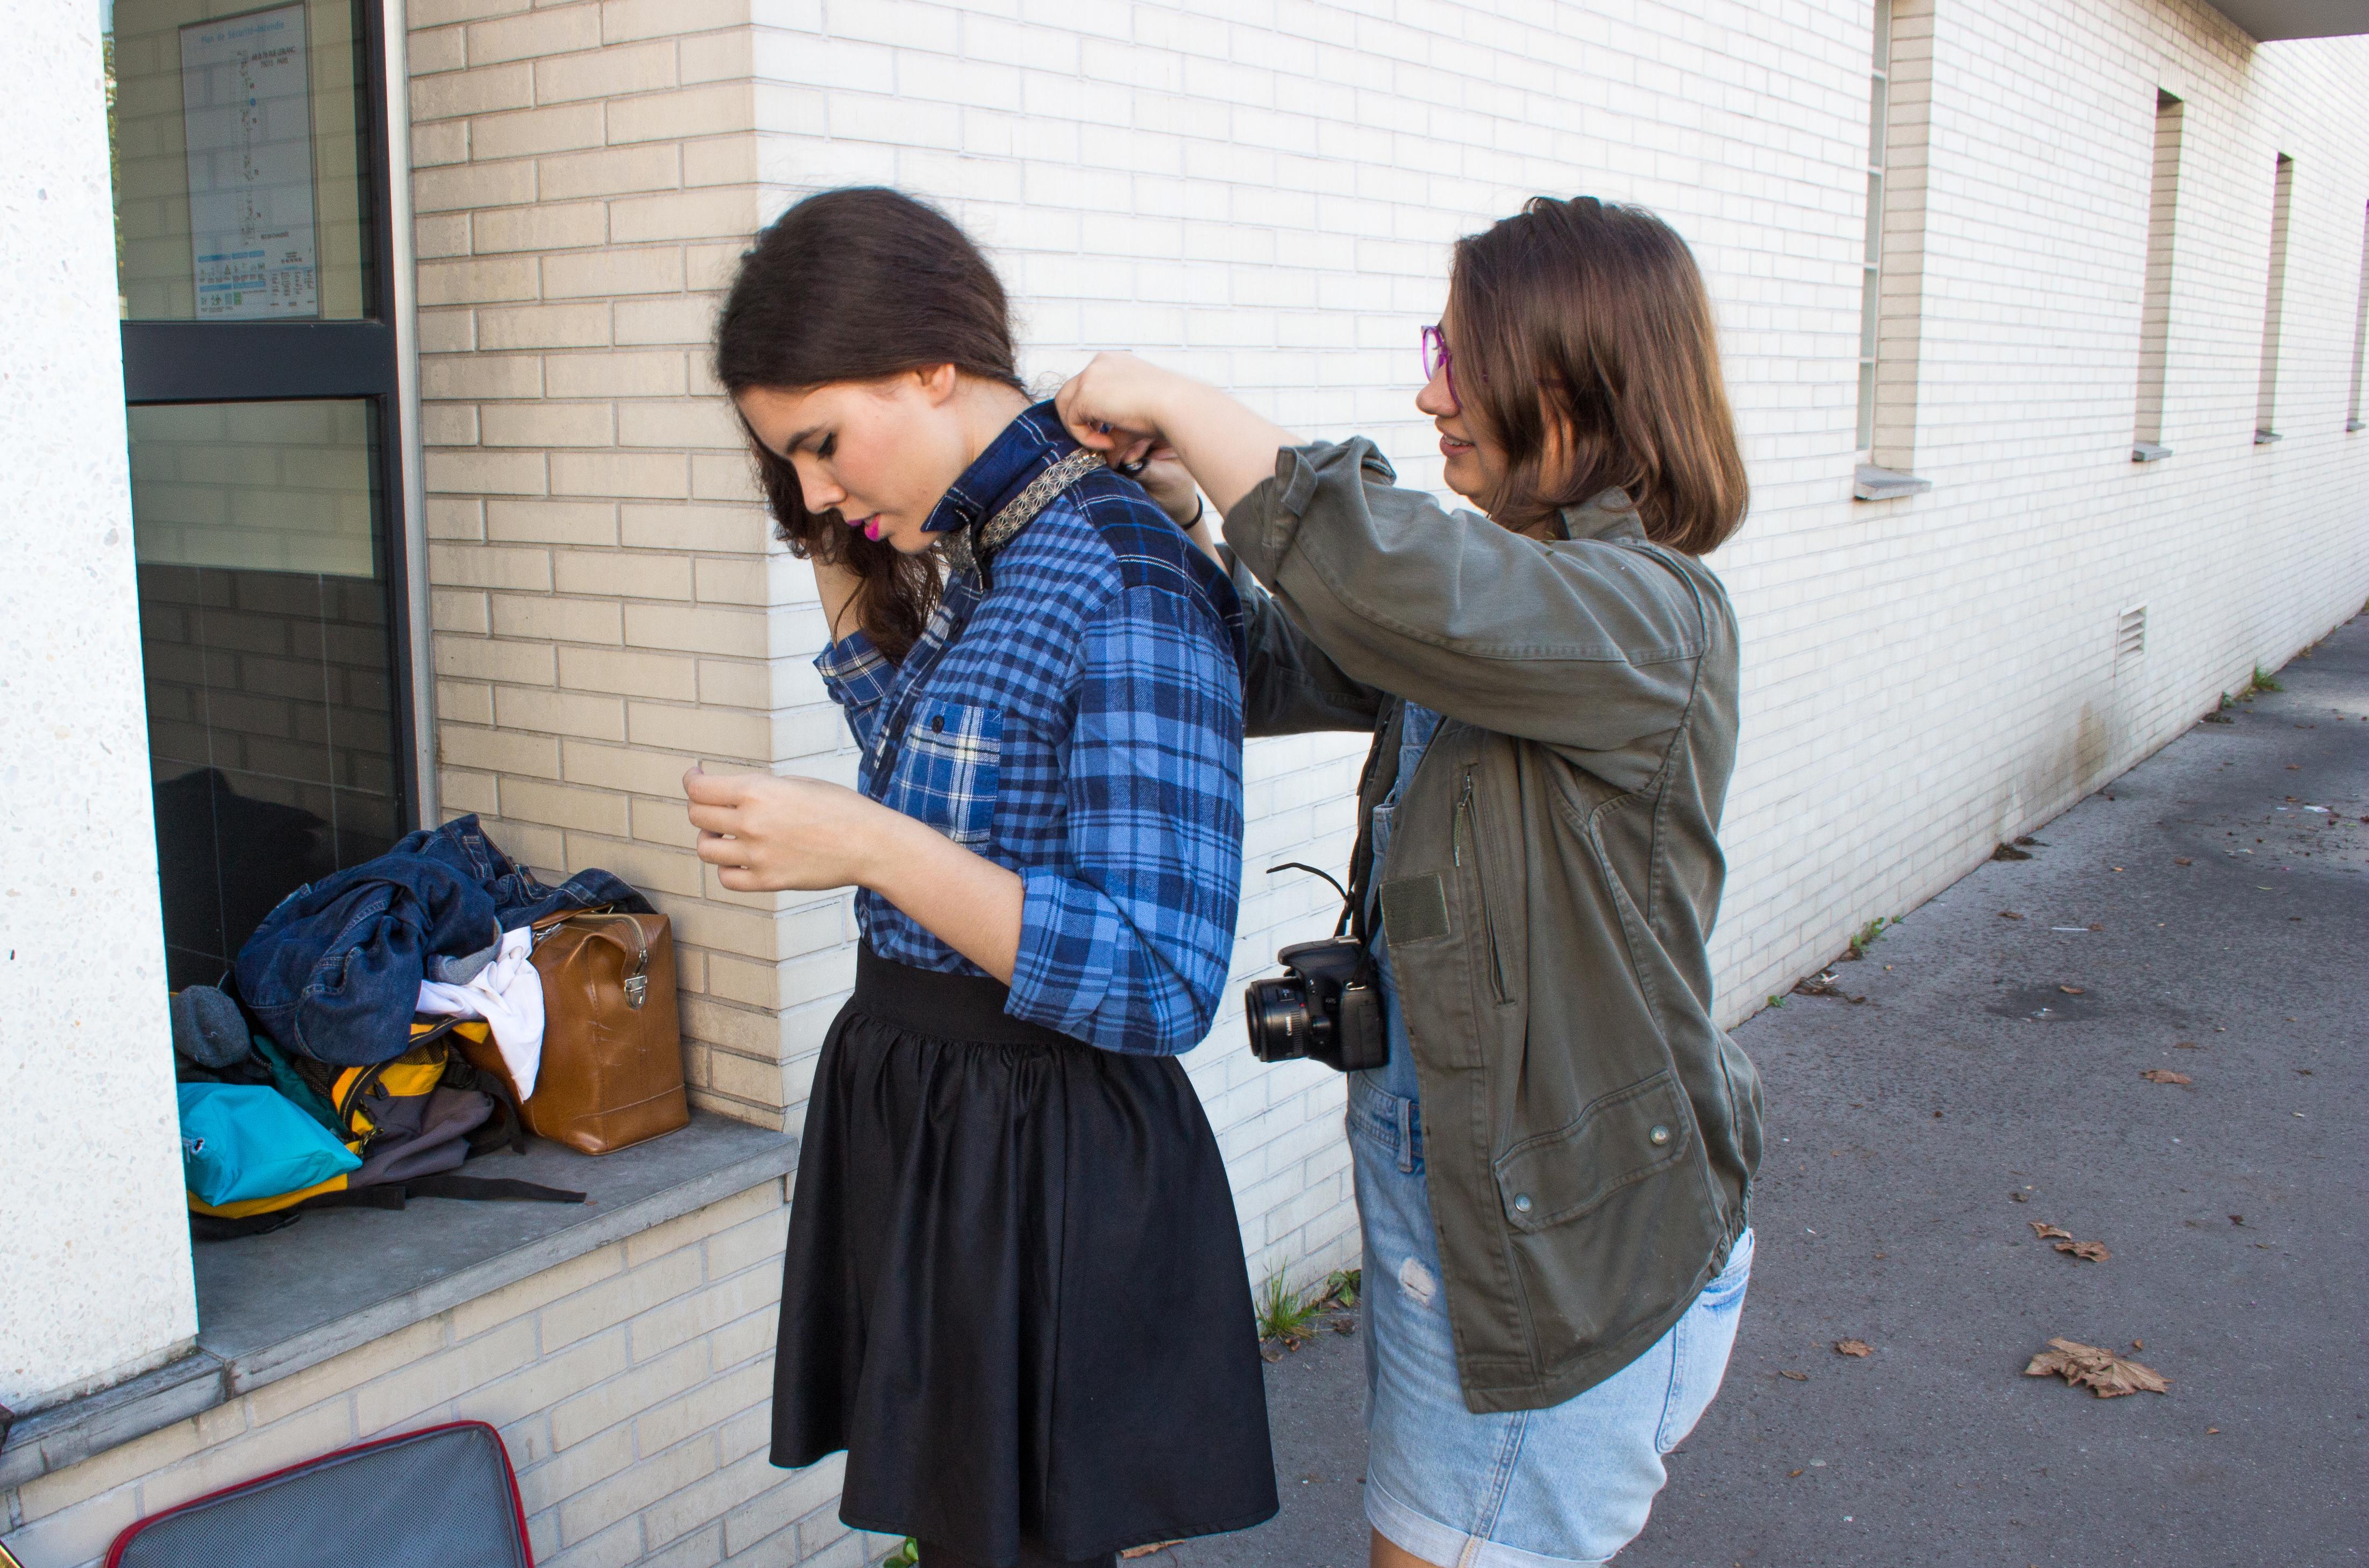 Mes astuces pour  ajuster tes vêtements durant un shoot photo